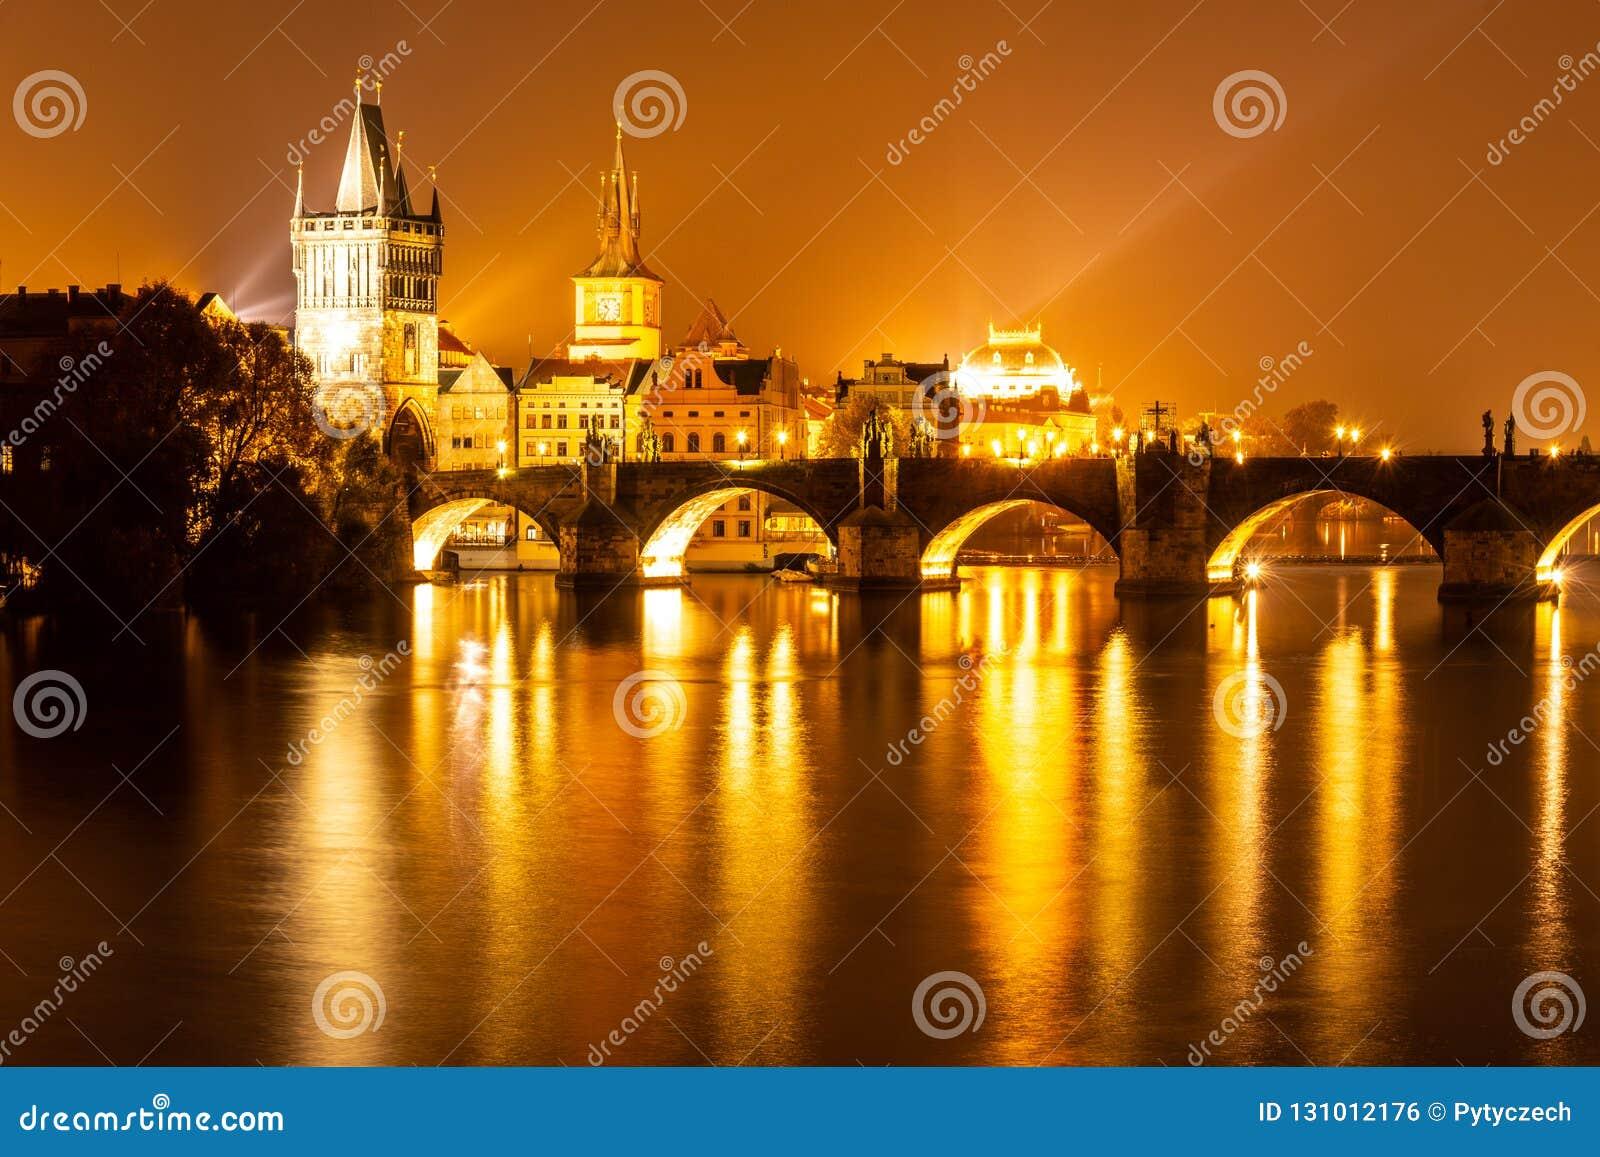 Fiume e Charles Bridge della Moldava con la torre del ponte di Città Vecchia di notte, Praga, Cechia Luogo del patrimonio mondial